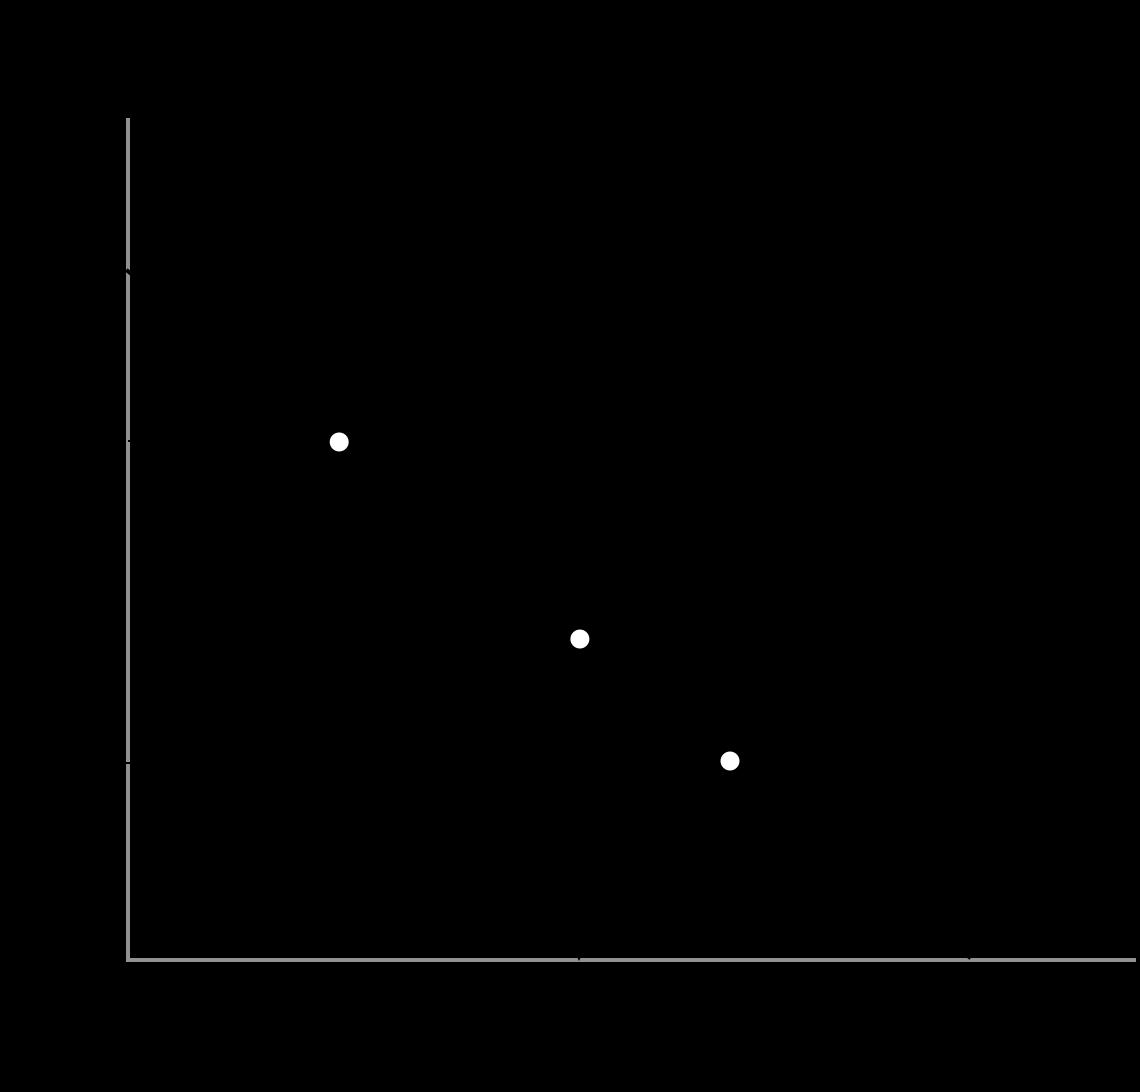 電子レンジ必要加熱量一定の法則の理論を示すグラフです